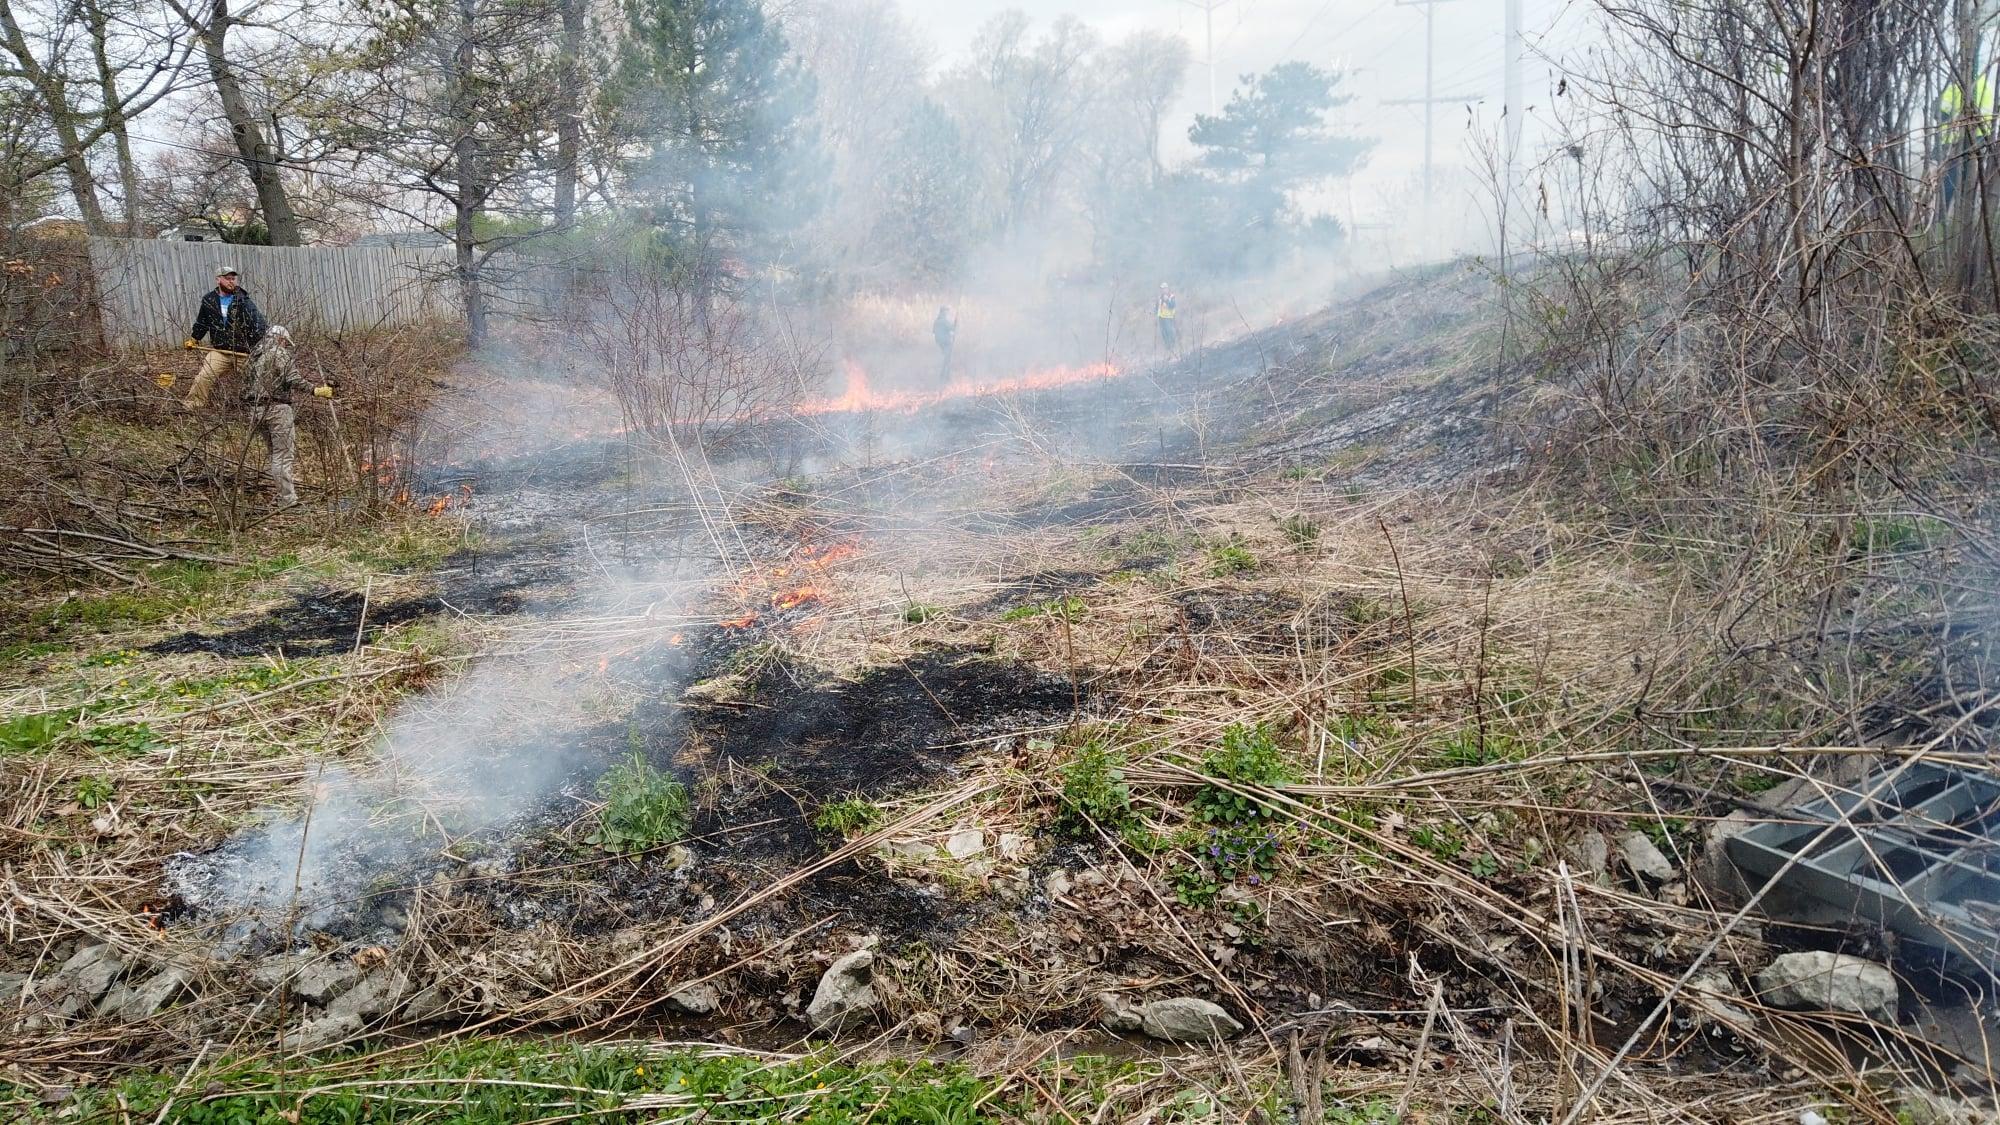 Smokey Vegetation